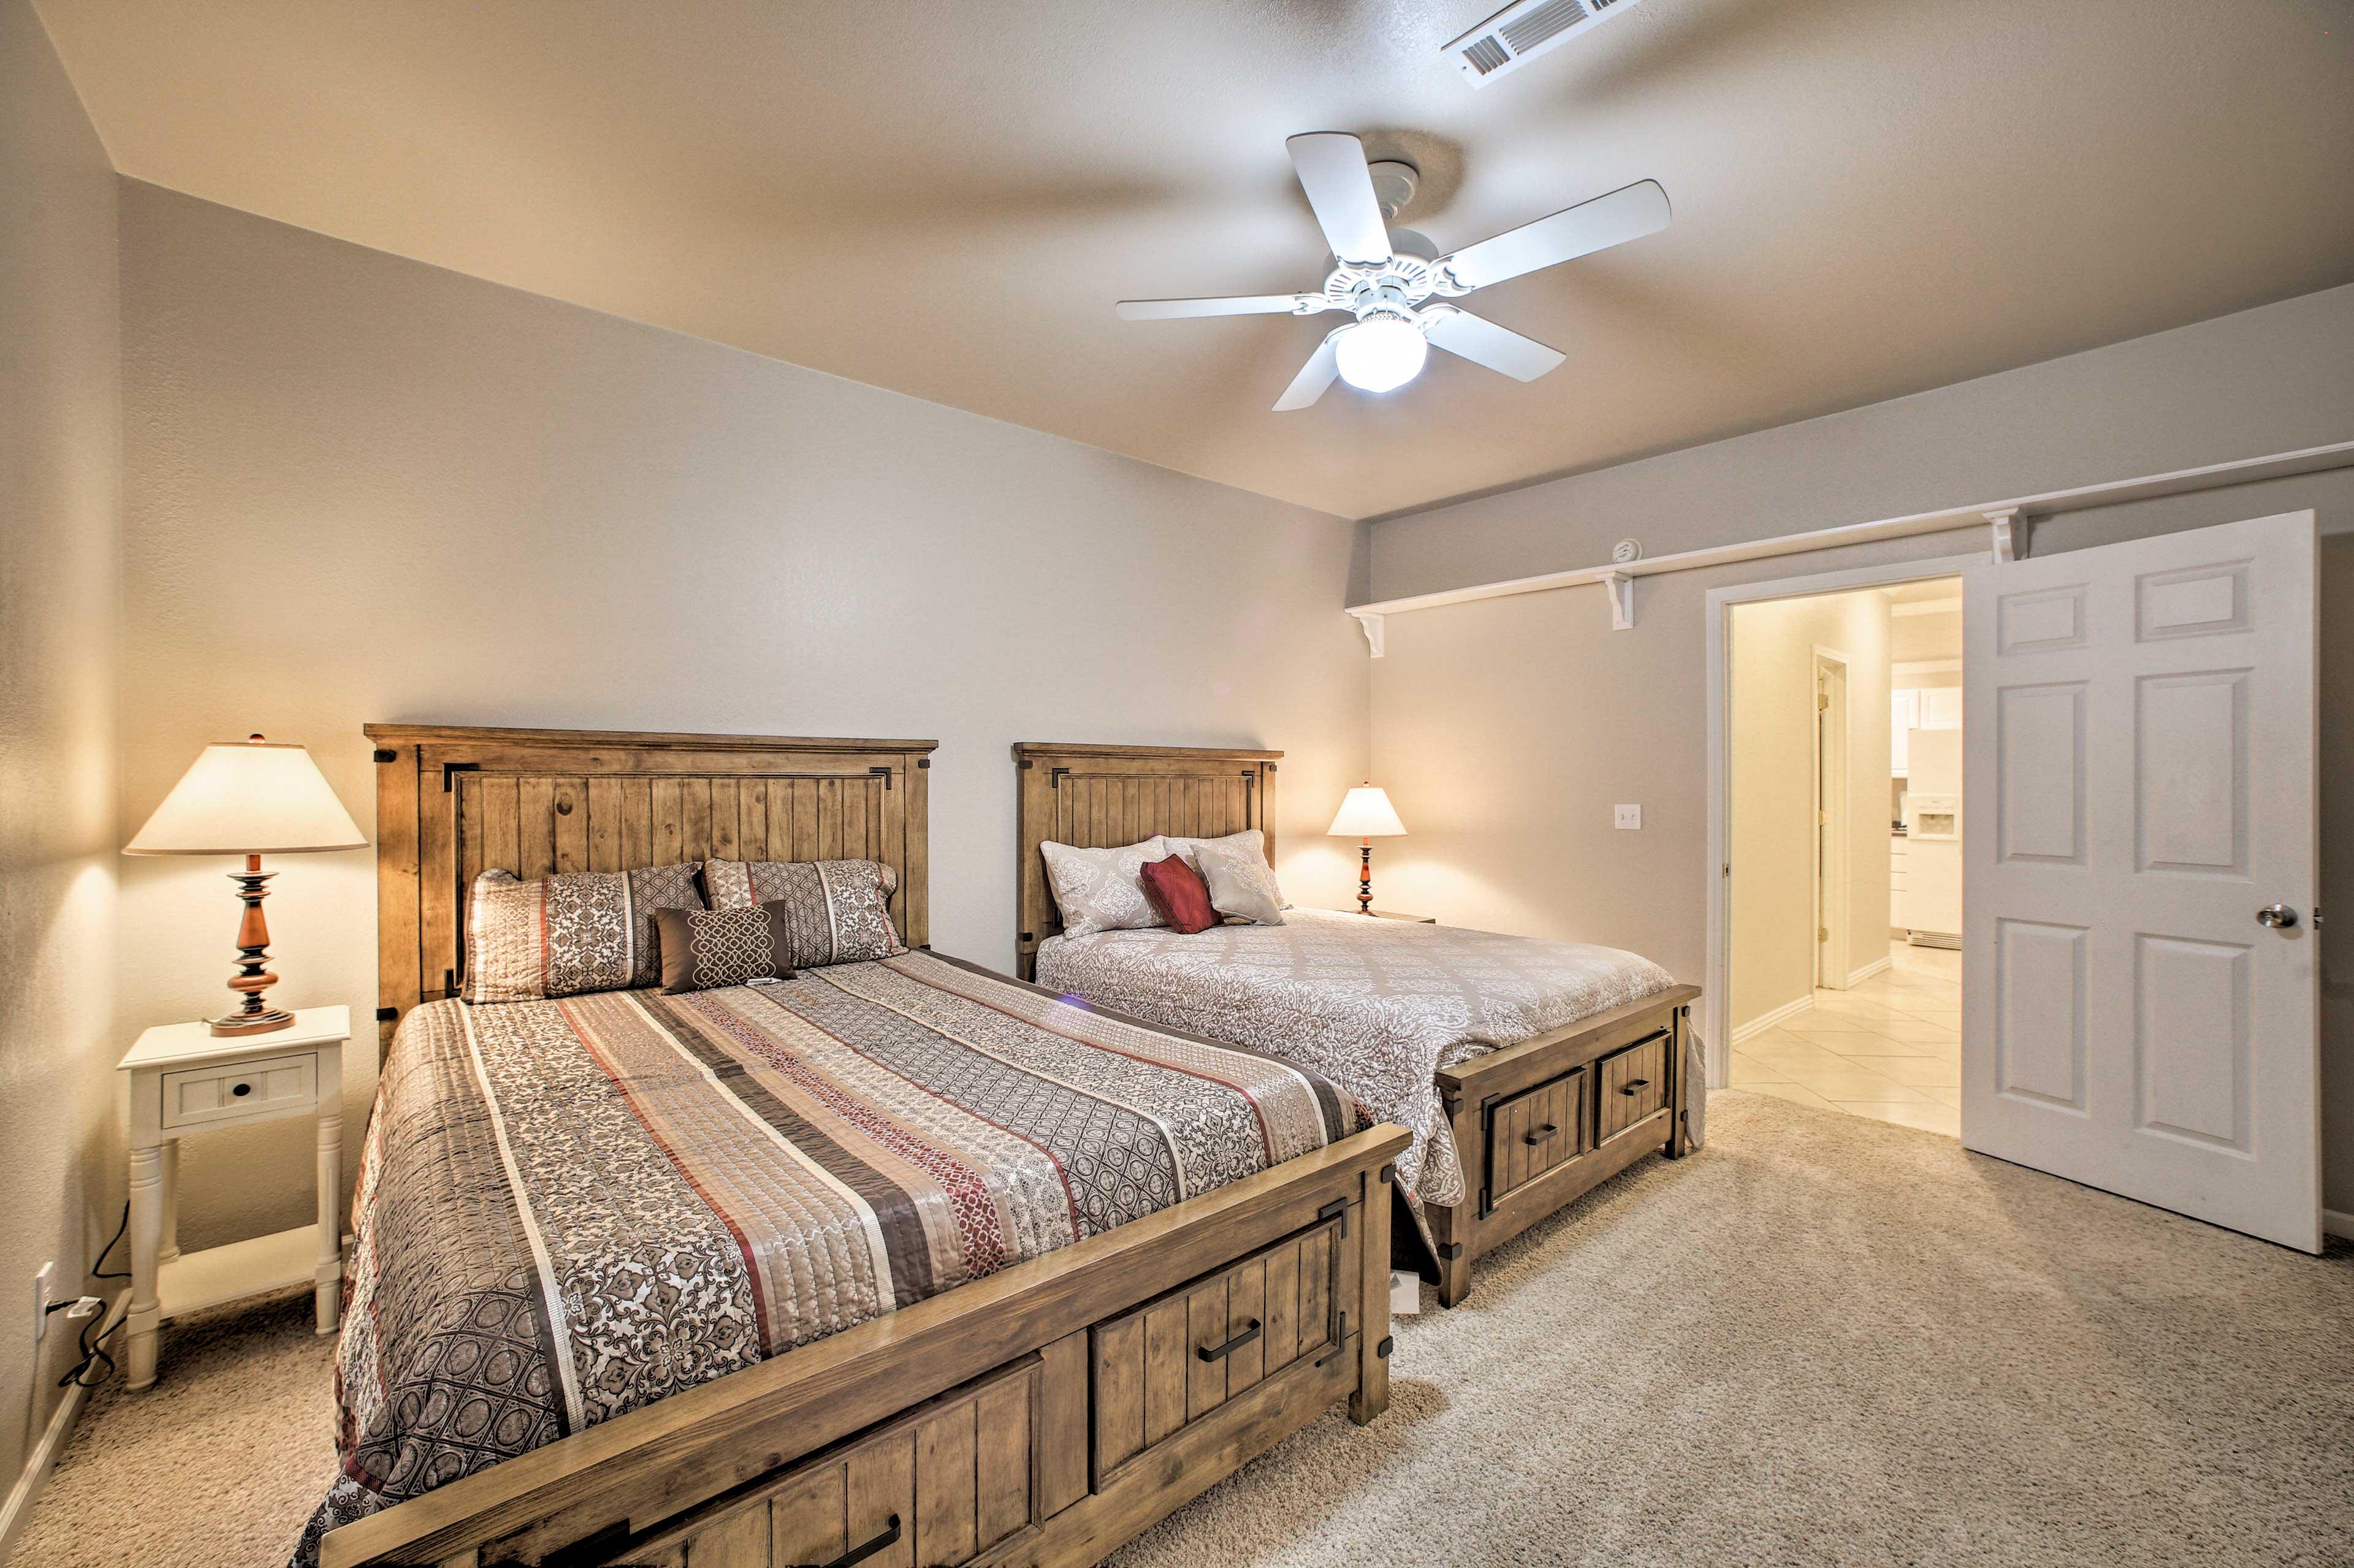 Bedroom 2   Queen Bed, Full Bed